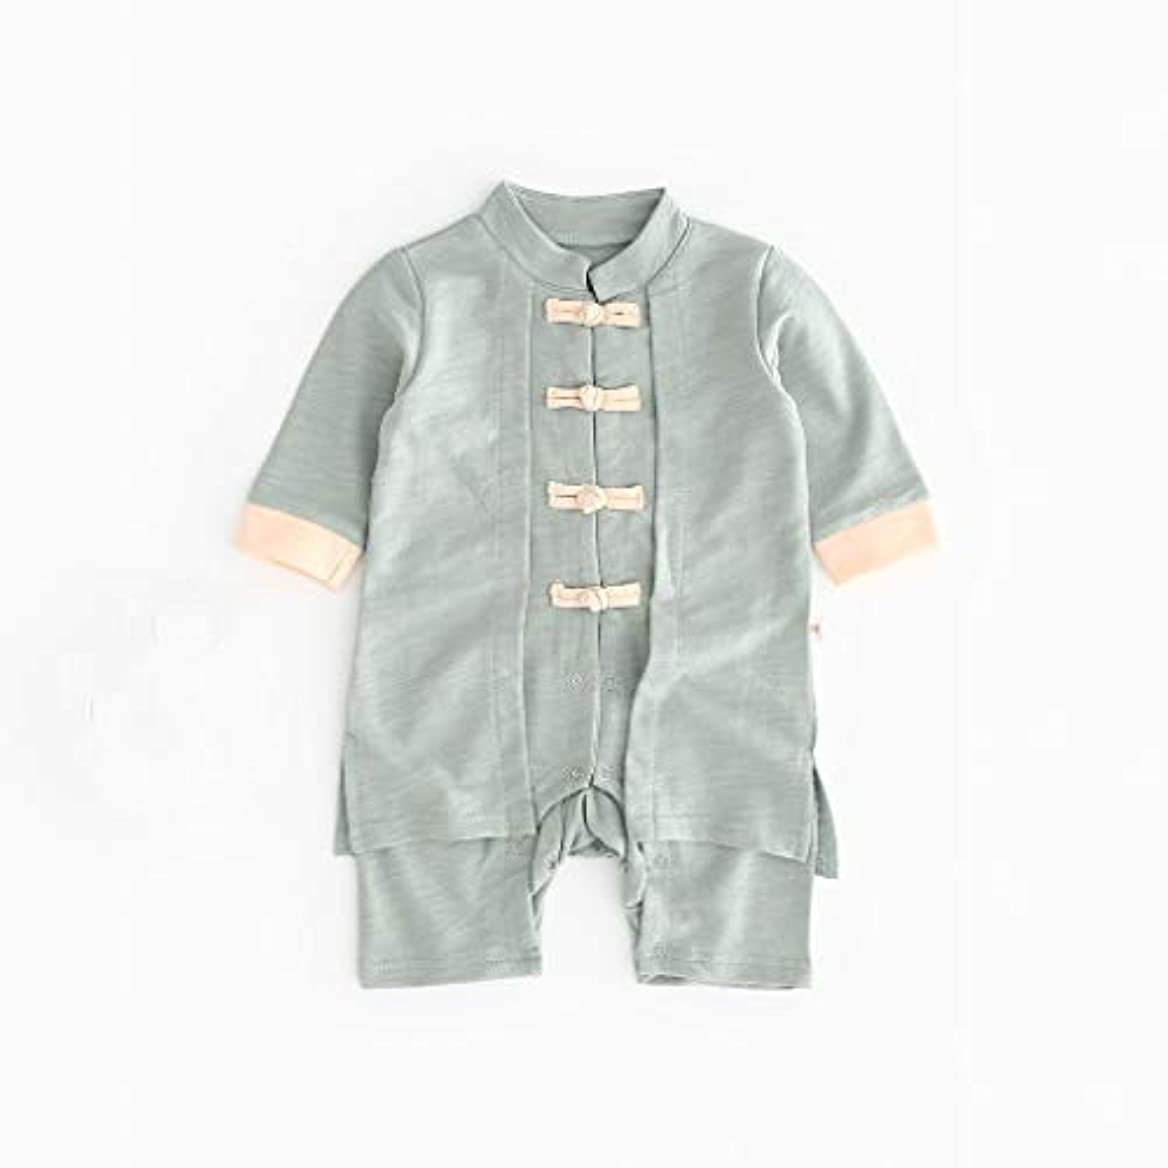 おじさん縮約十二かわいいボタン漢風生まれたばかりの赤ちゃん男の子女の子ボタン固体ロンパースジャンプスーツ着物服パジャマ女の子男の子レターストライプ長袖コットンロンパースジャンプスーツ